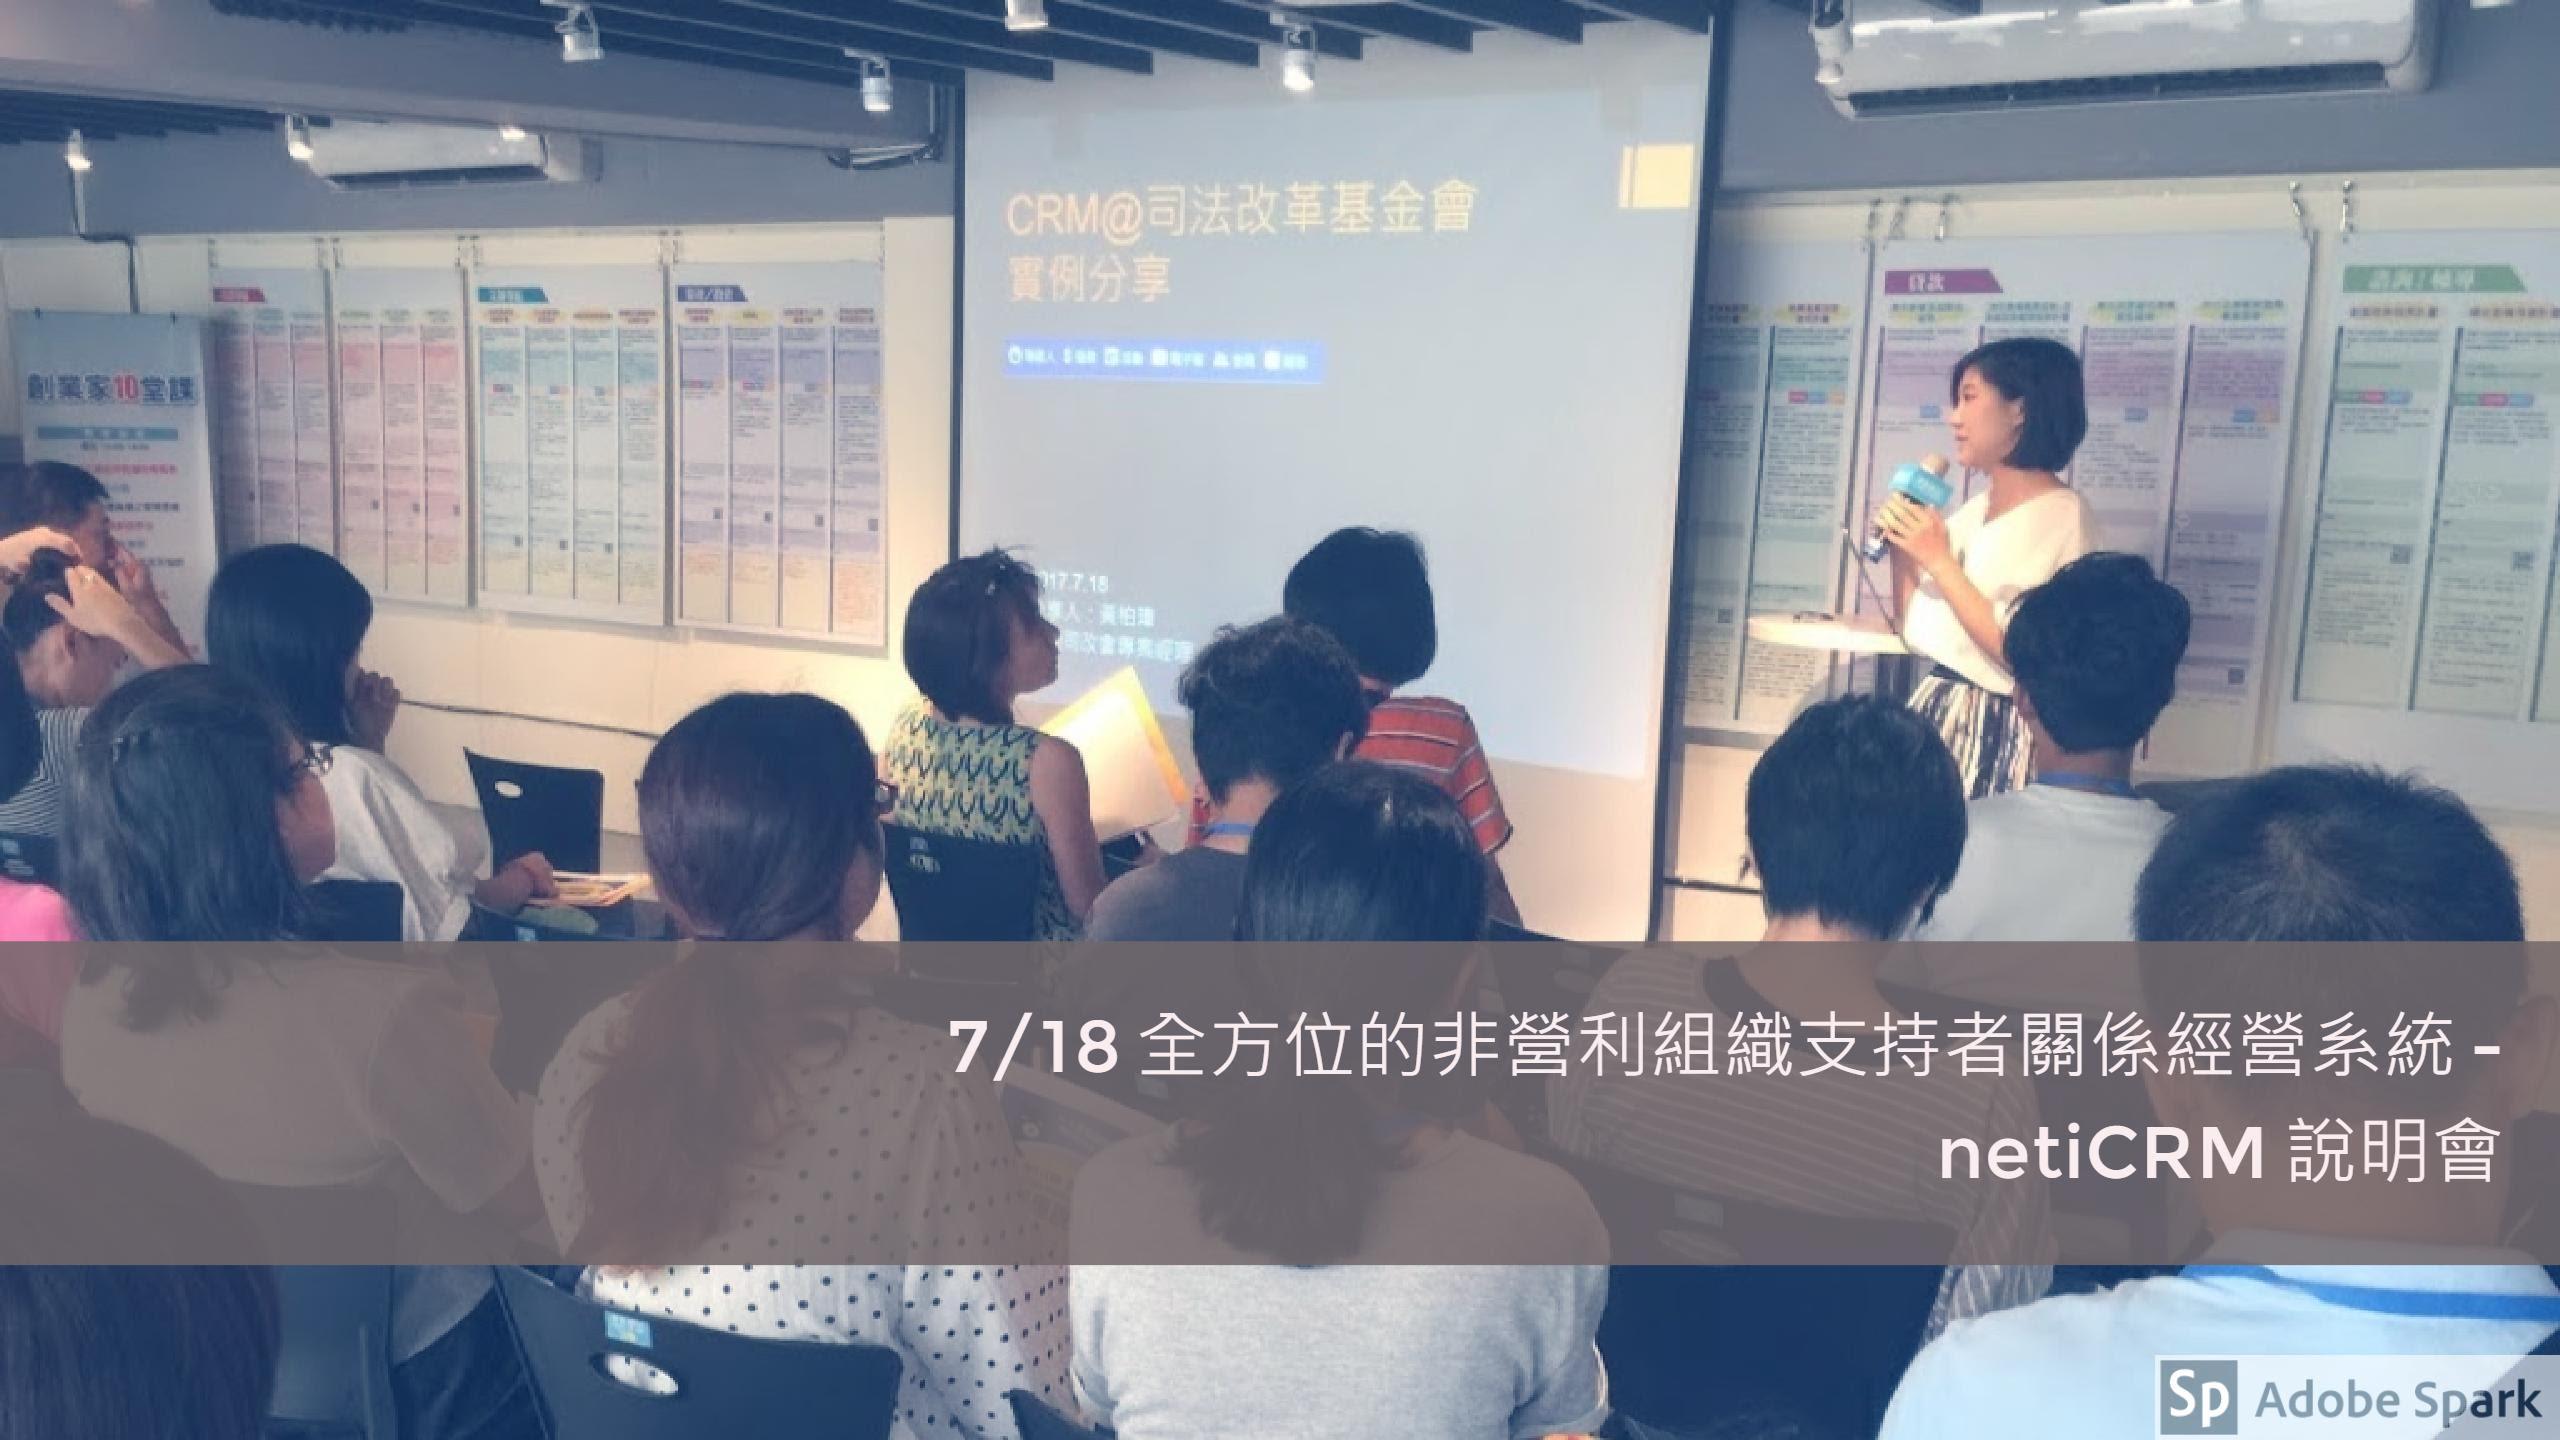 7/18 全方位的非營利組織支持者關係經營系統 - netiCRM 說明會